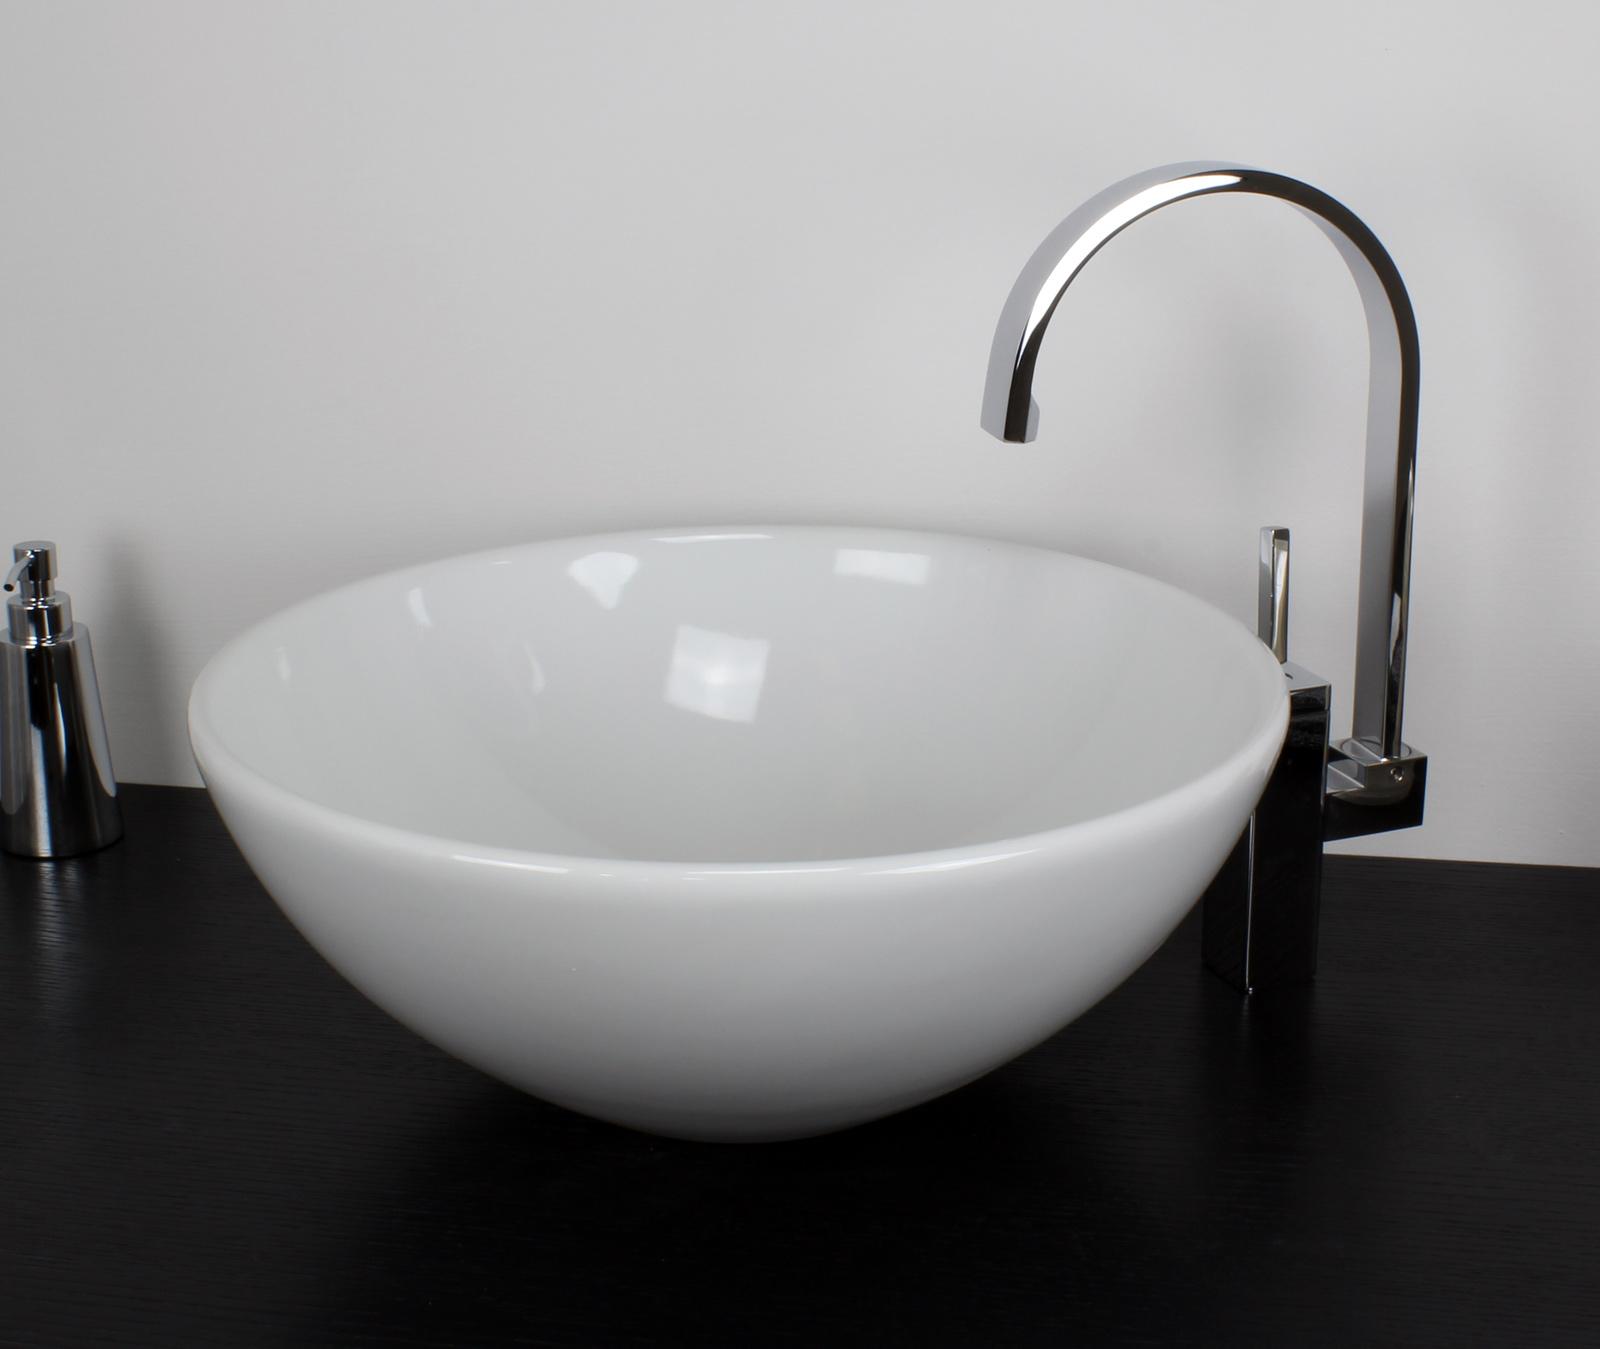 Lavello Ceramica Da Appoggio Cucina ~ La Migliore Scelta Di Casa e ...